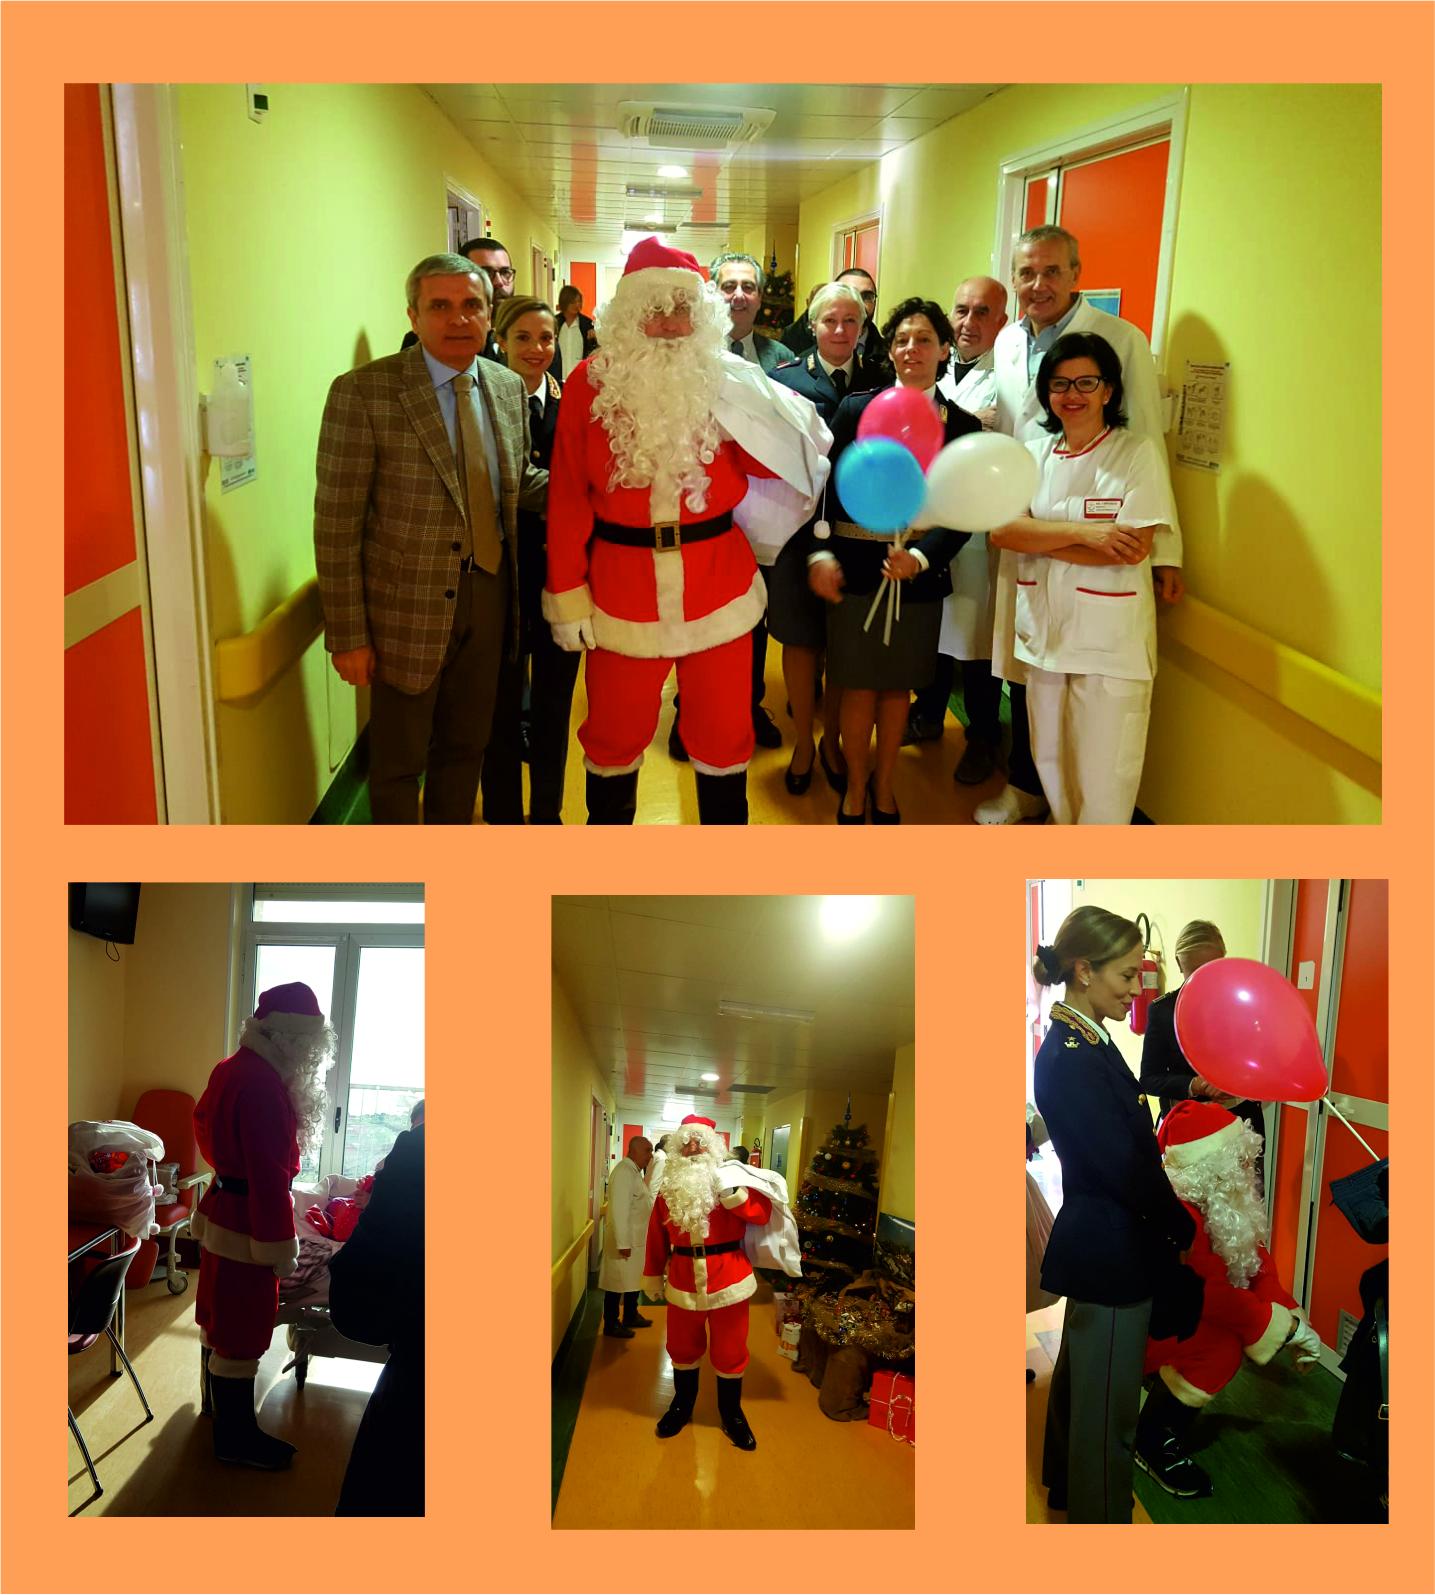 Babbo Natale In Spagnolo.Babbo Natale Fa Visita Ai Reparti Di Pediatria Degli